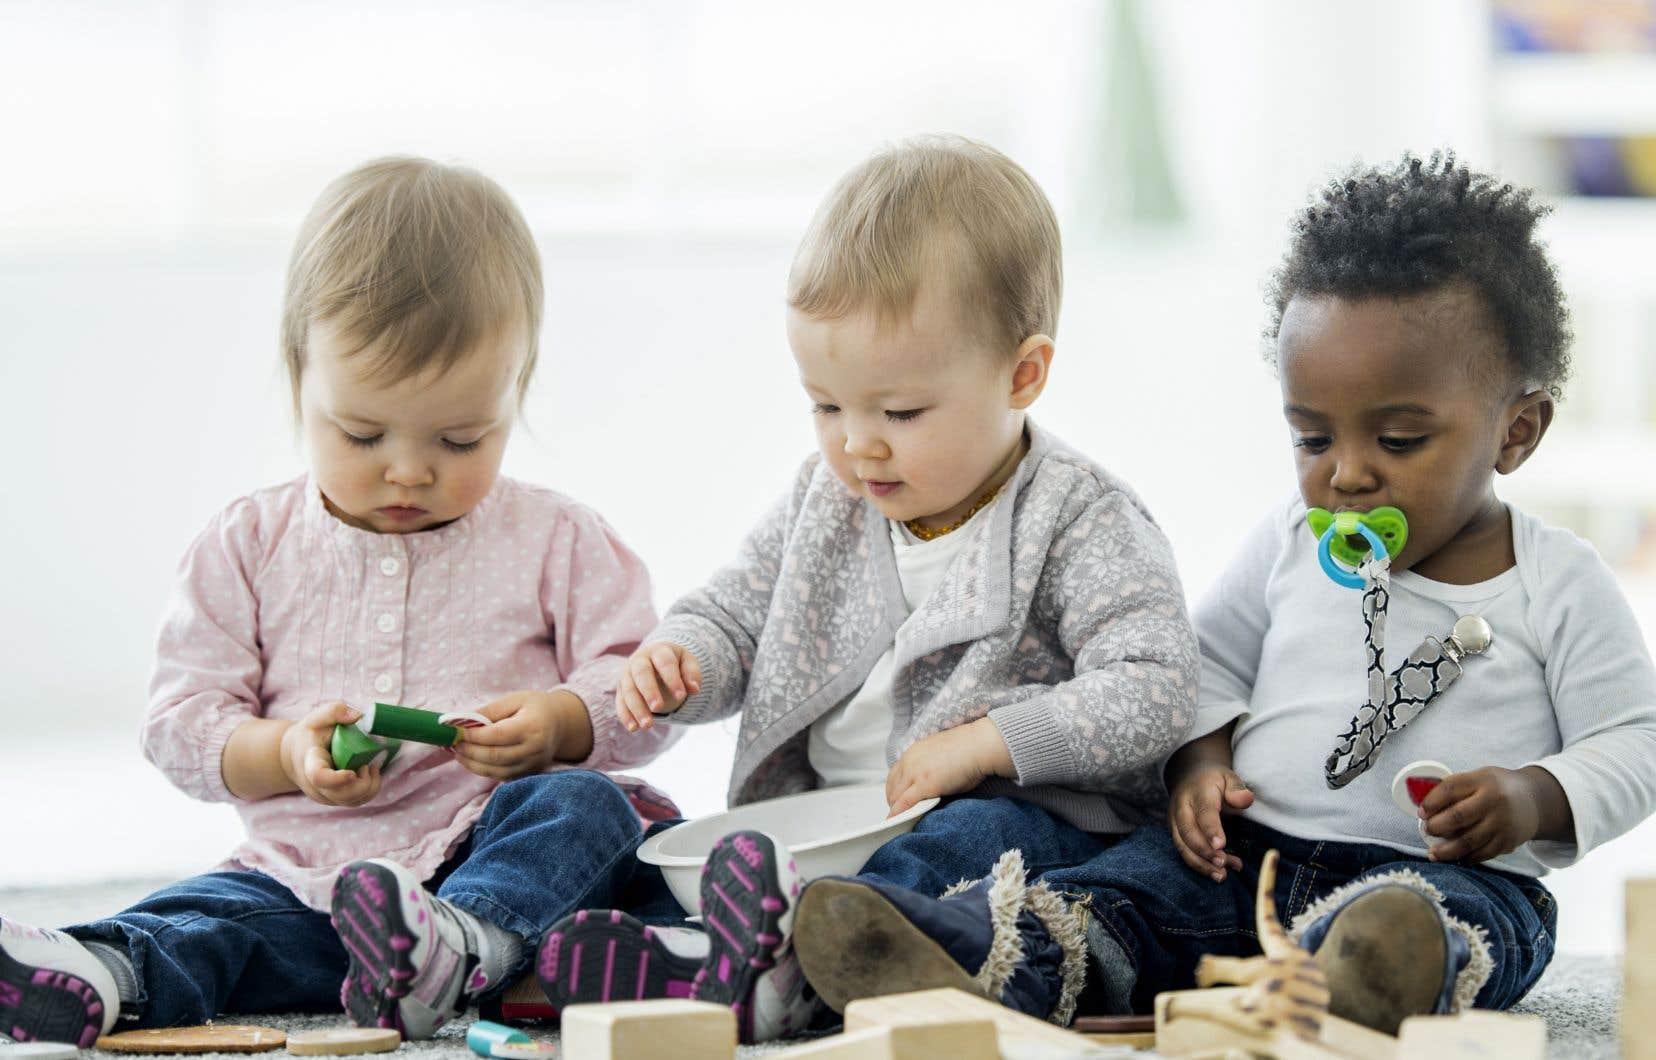 À partir du mois d'avril, le gouvernement québécois limitera le nombre d'enfants de plus de 18 mois dans les pouponnières.